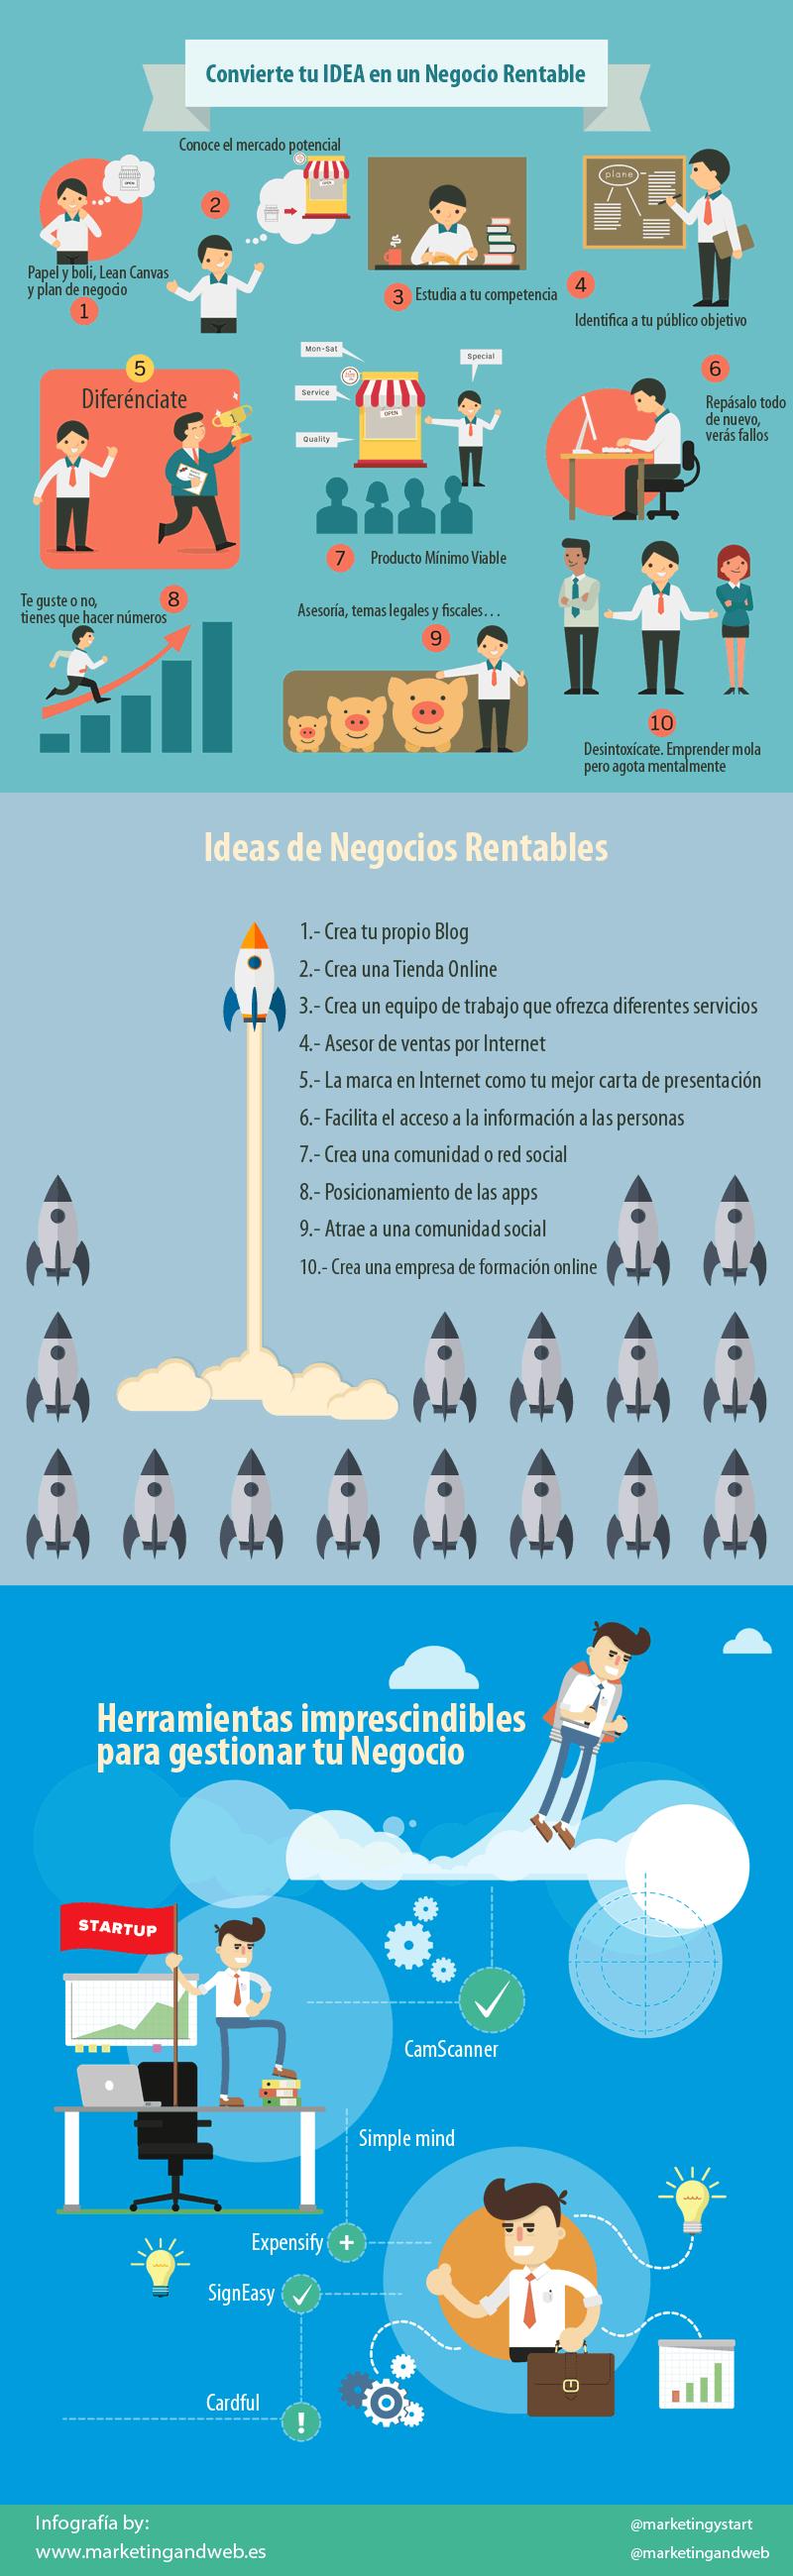 Convierte tu Idea en un Negocio Rentable #infografia